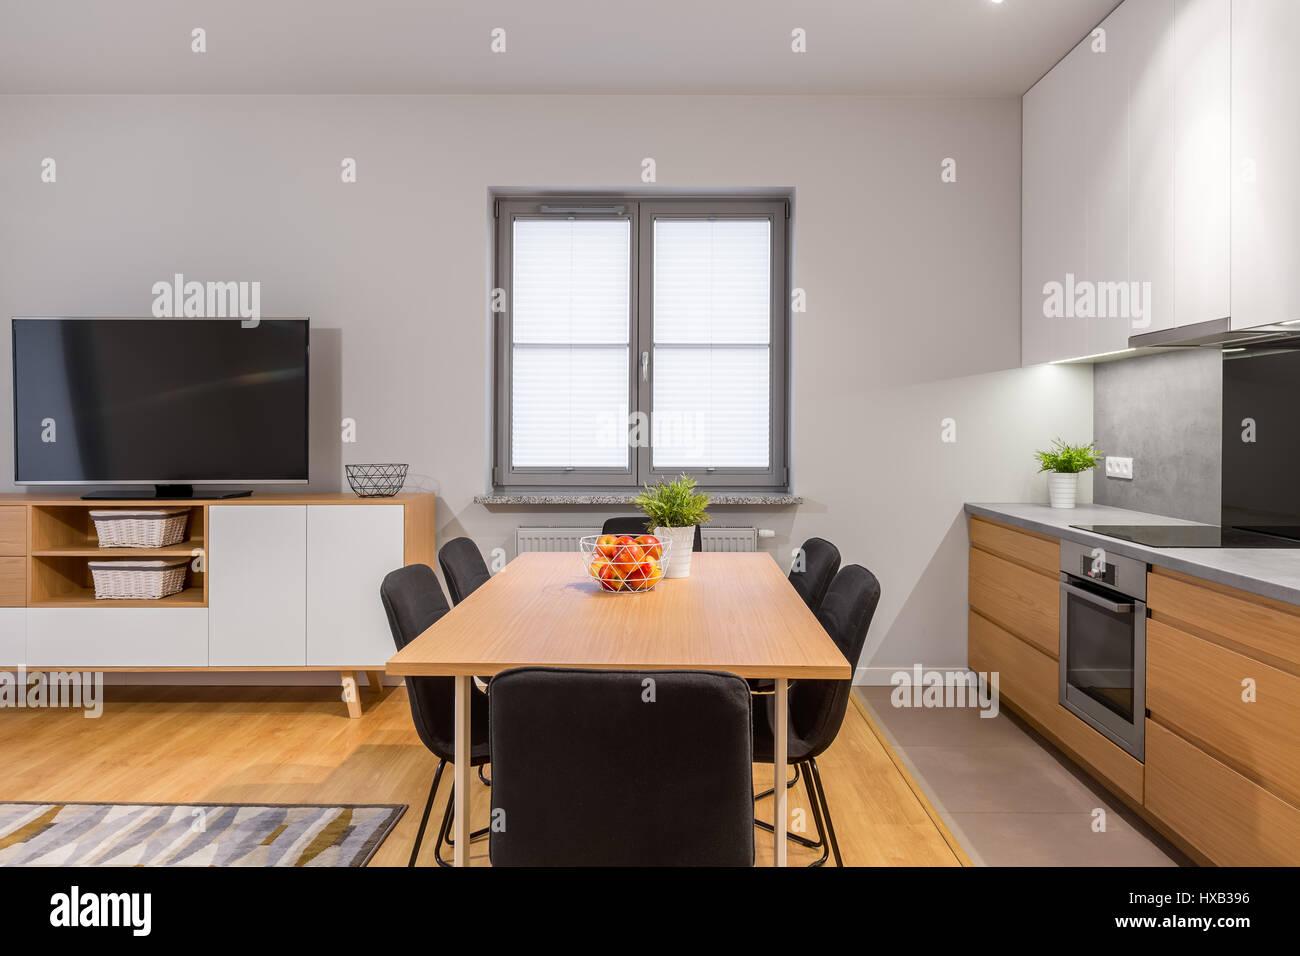 Modern open space appartamento con cucina sala da pranzo - Cucina sala open space ...